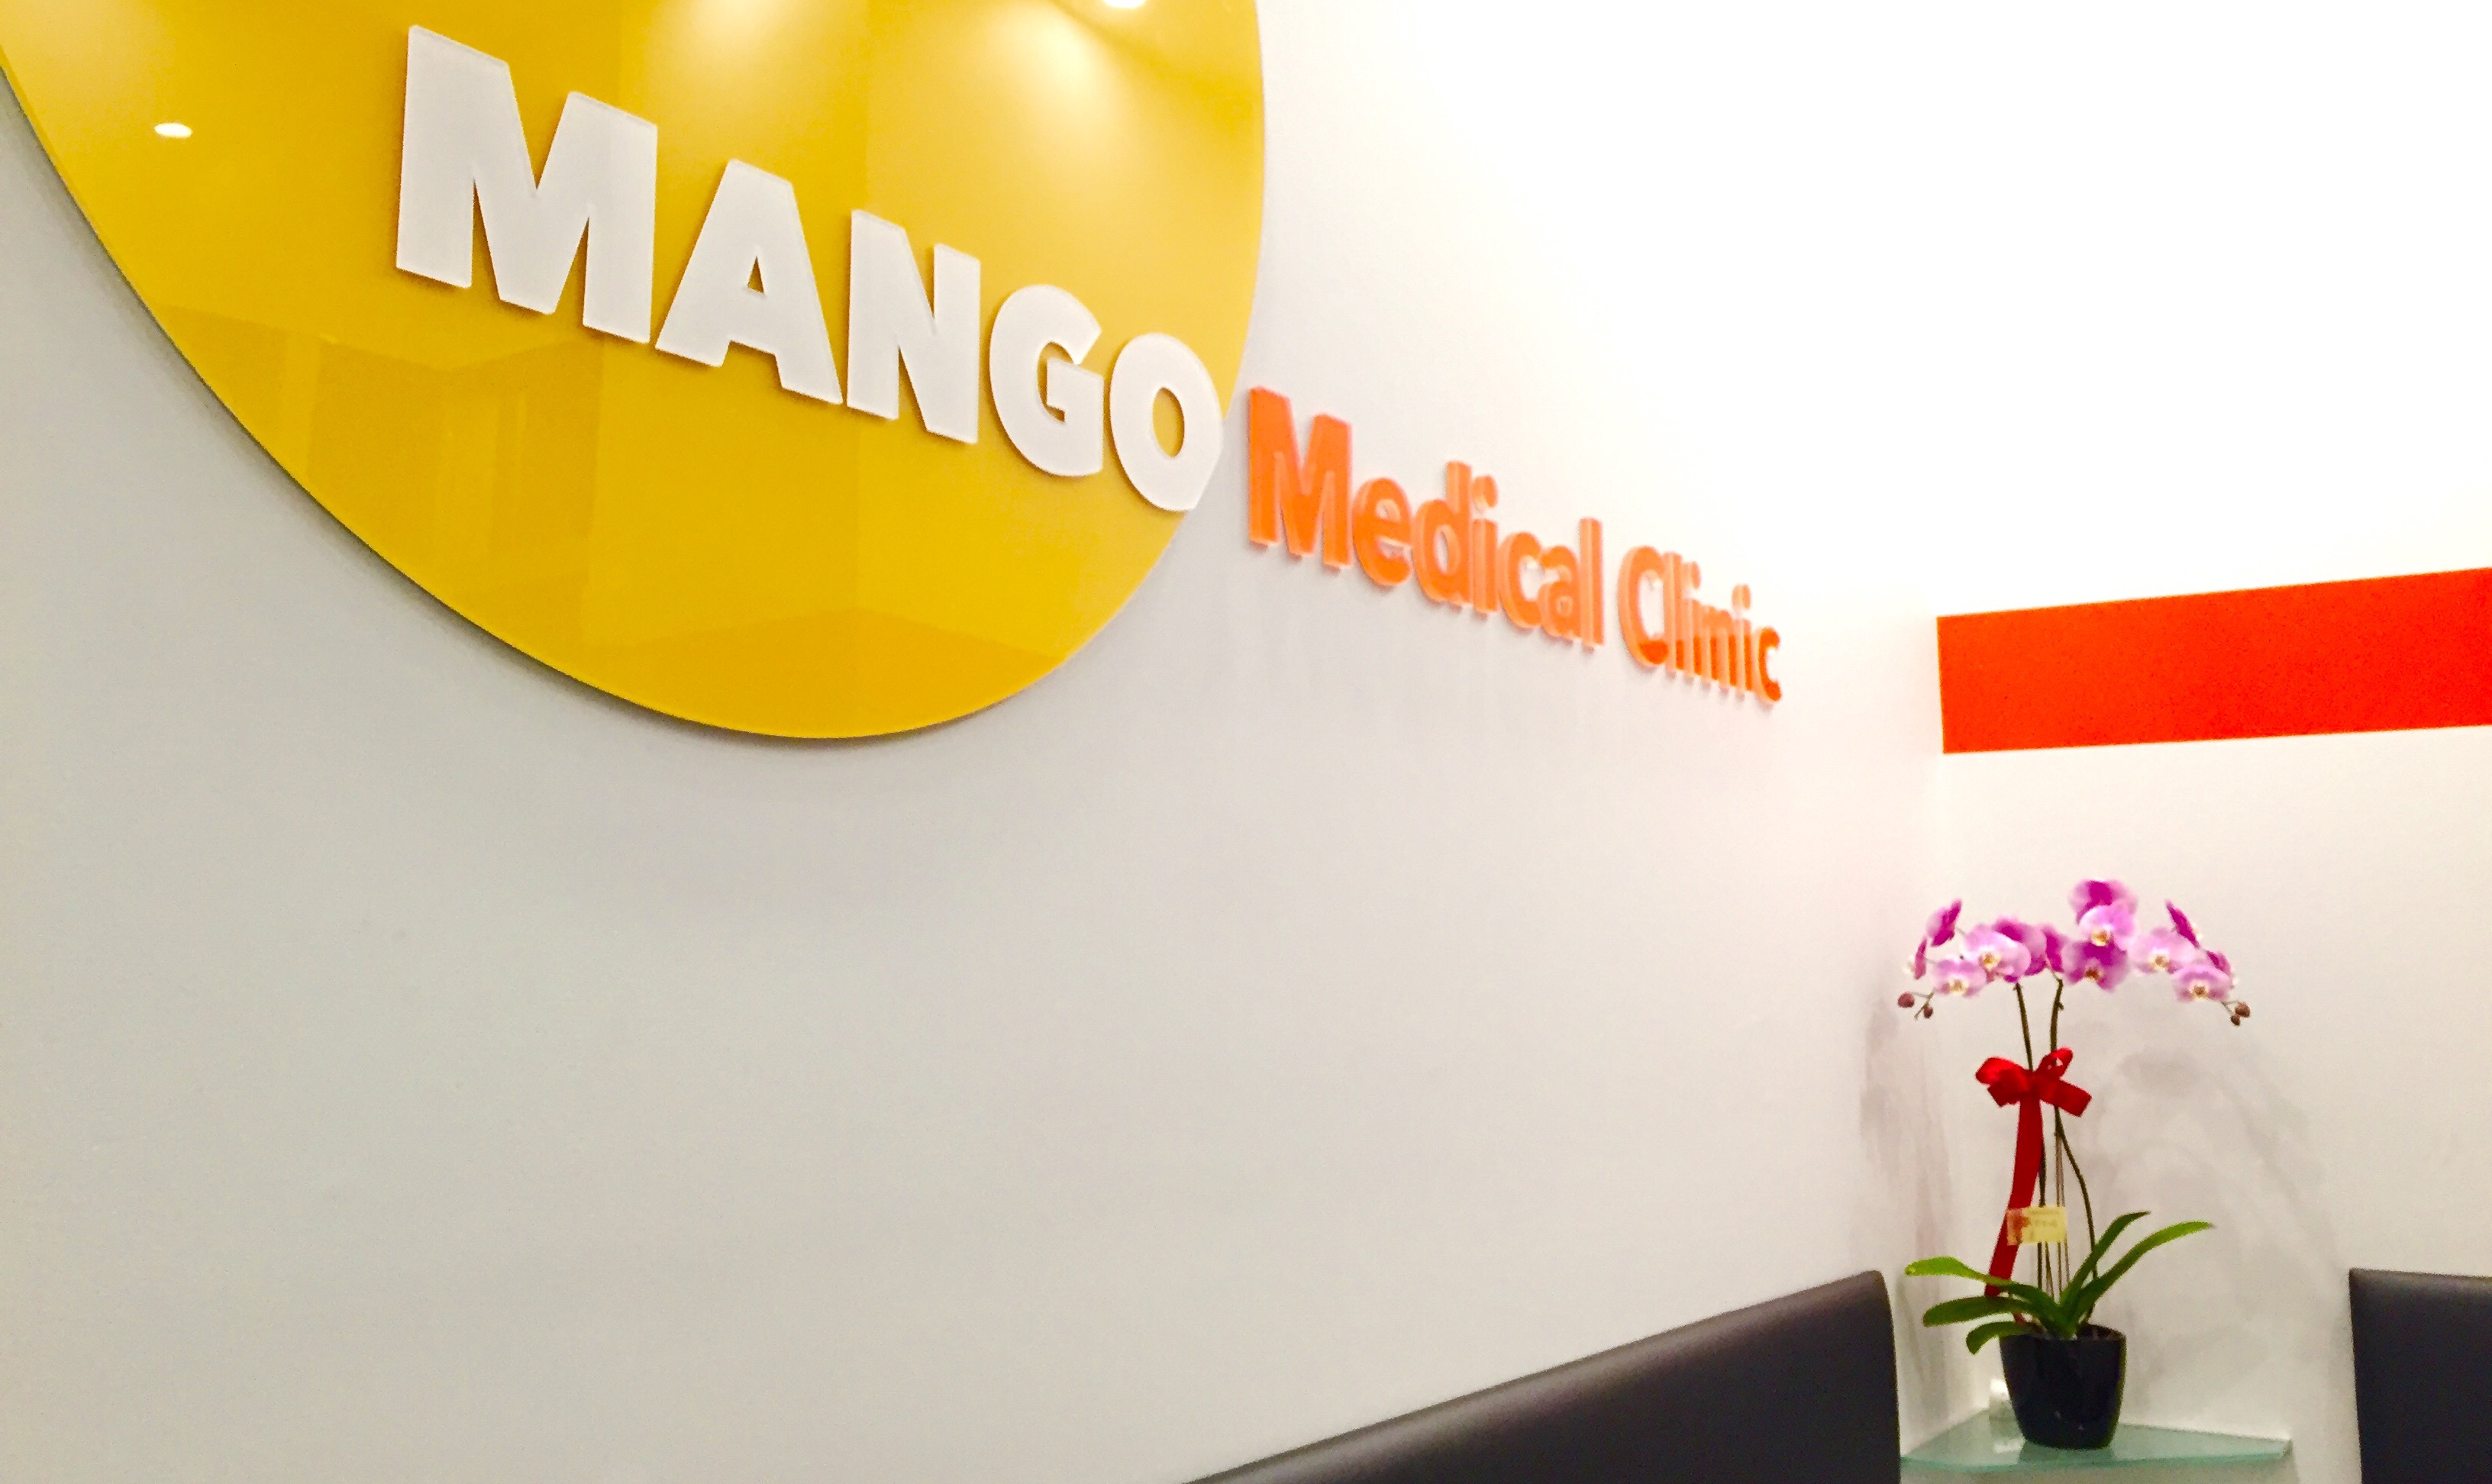 Mango家医诊所